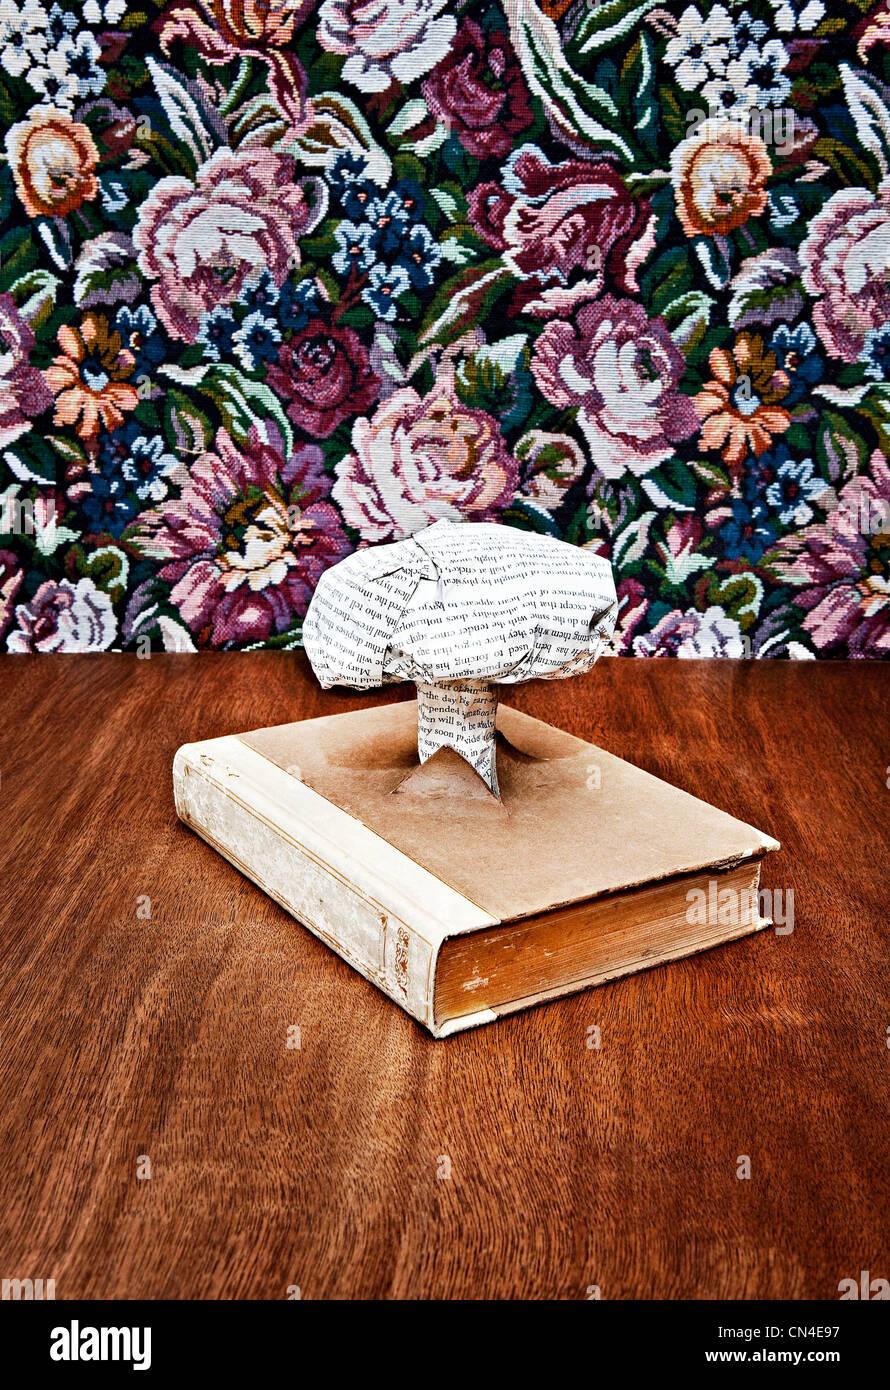 Nube nuclear hechas de papel impreso que sale del libro Imagen De Stock